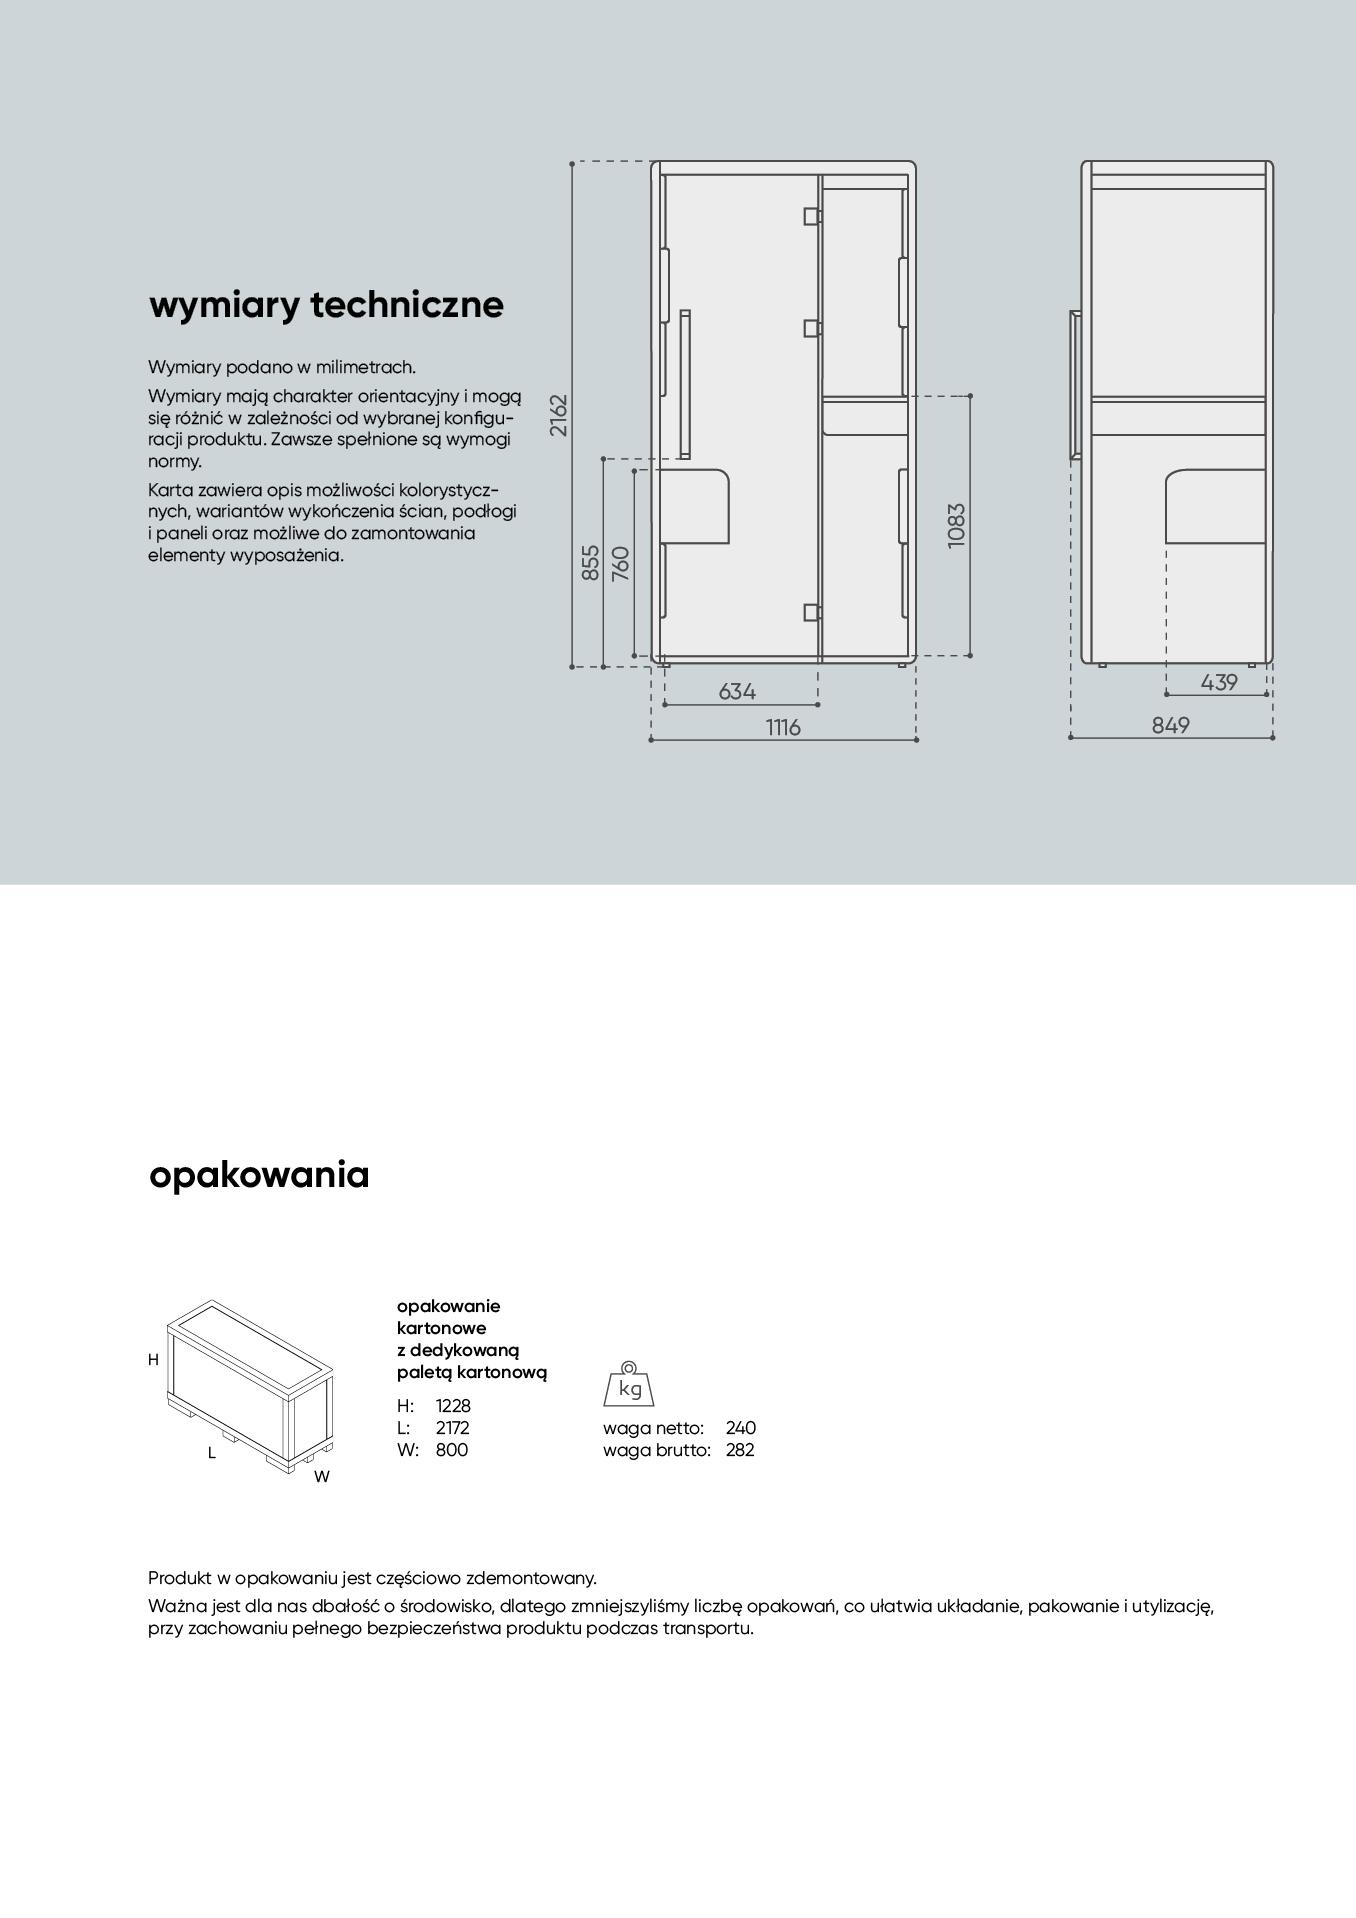 karta-produktowa-qd-sgb5.jpg